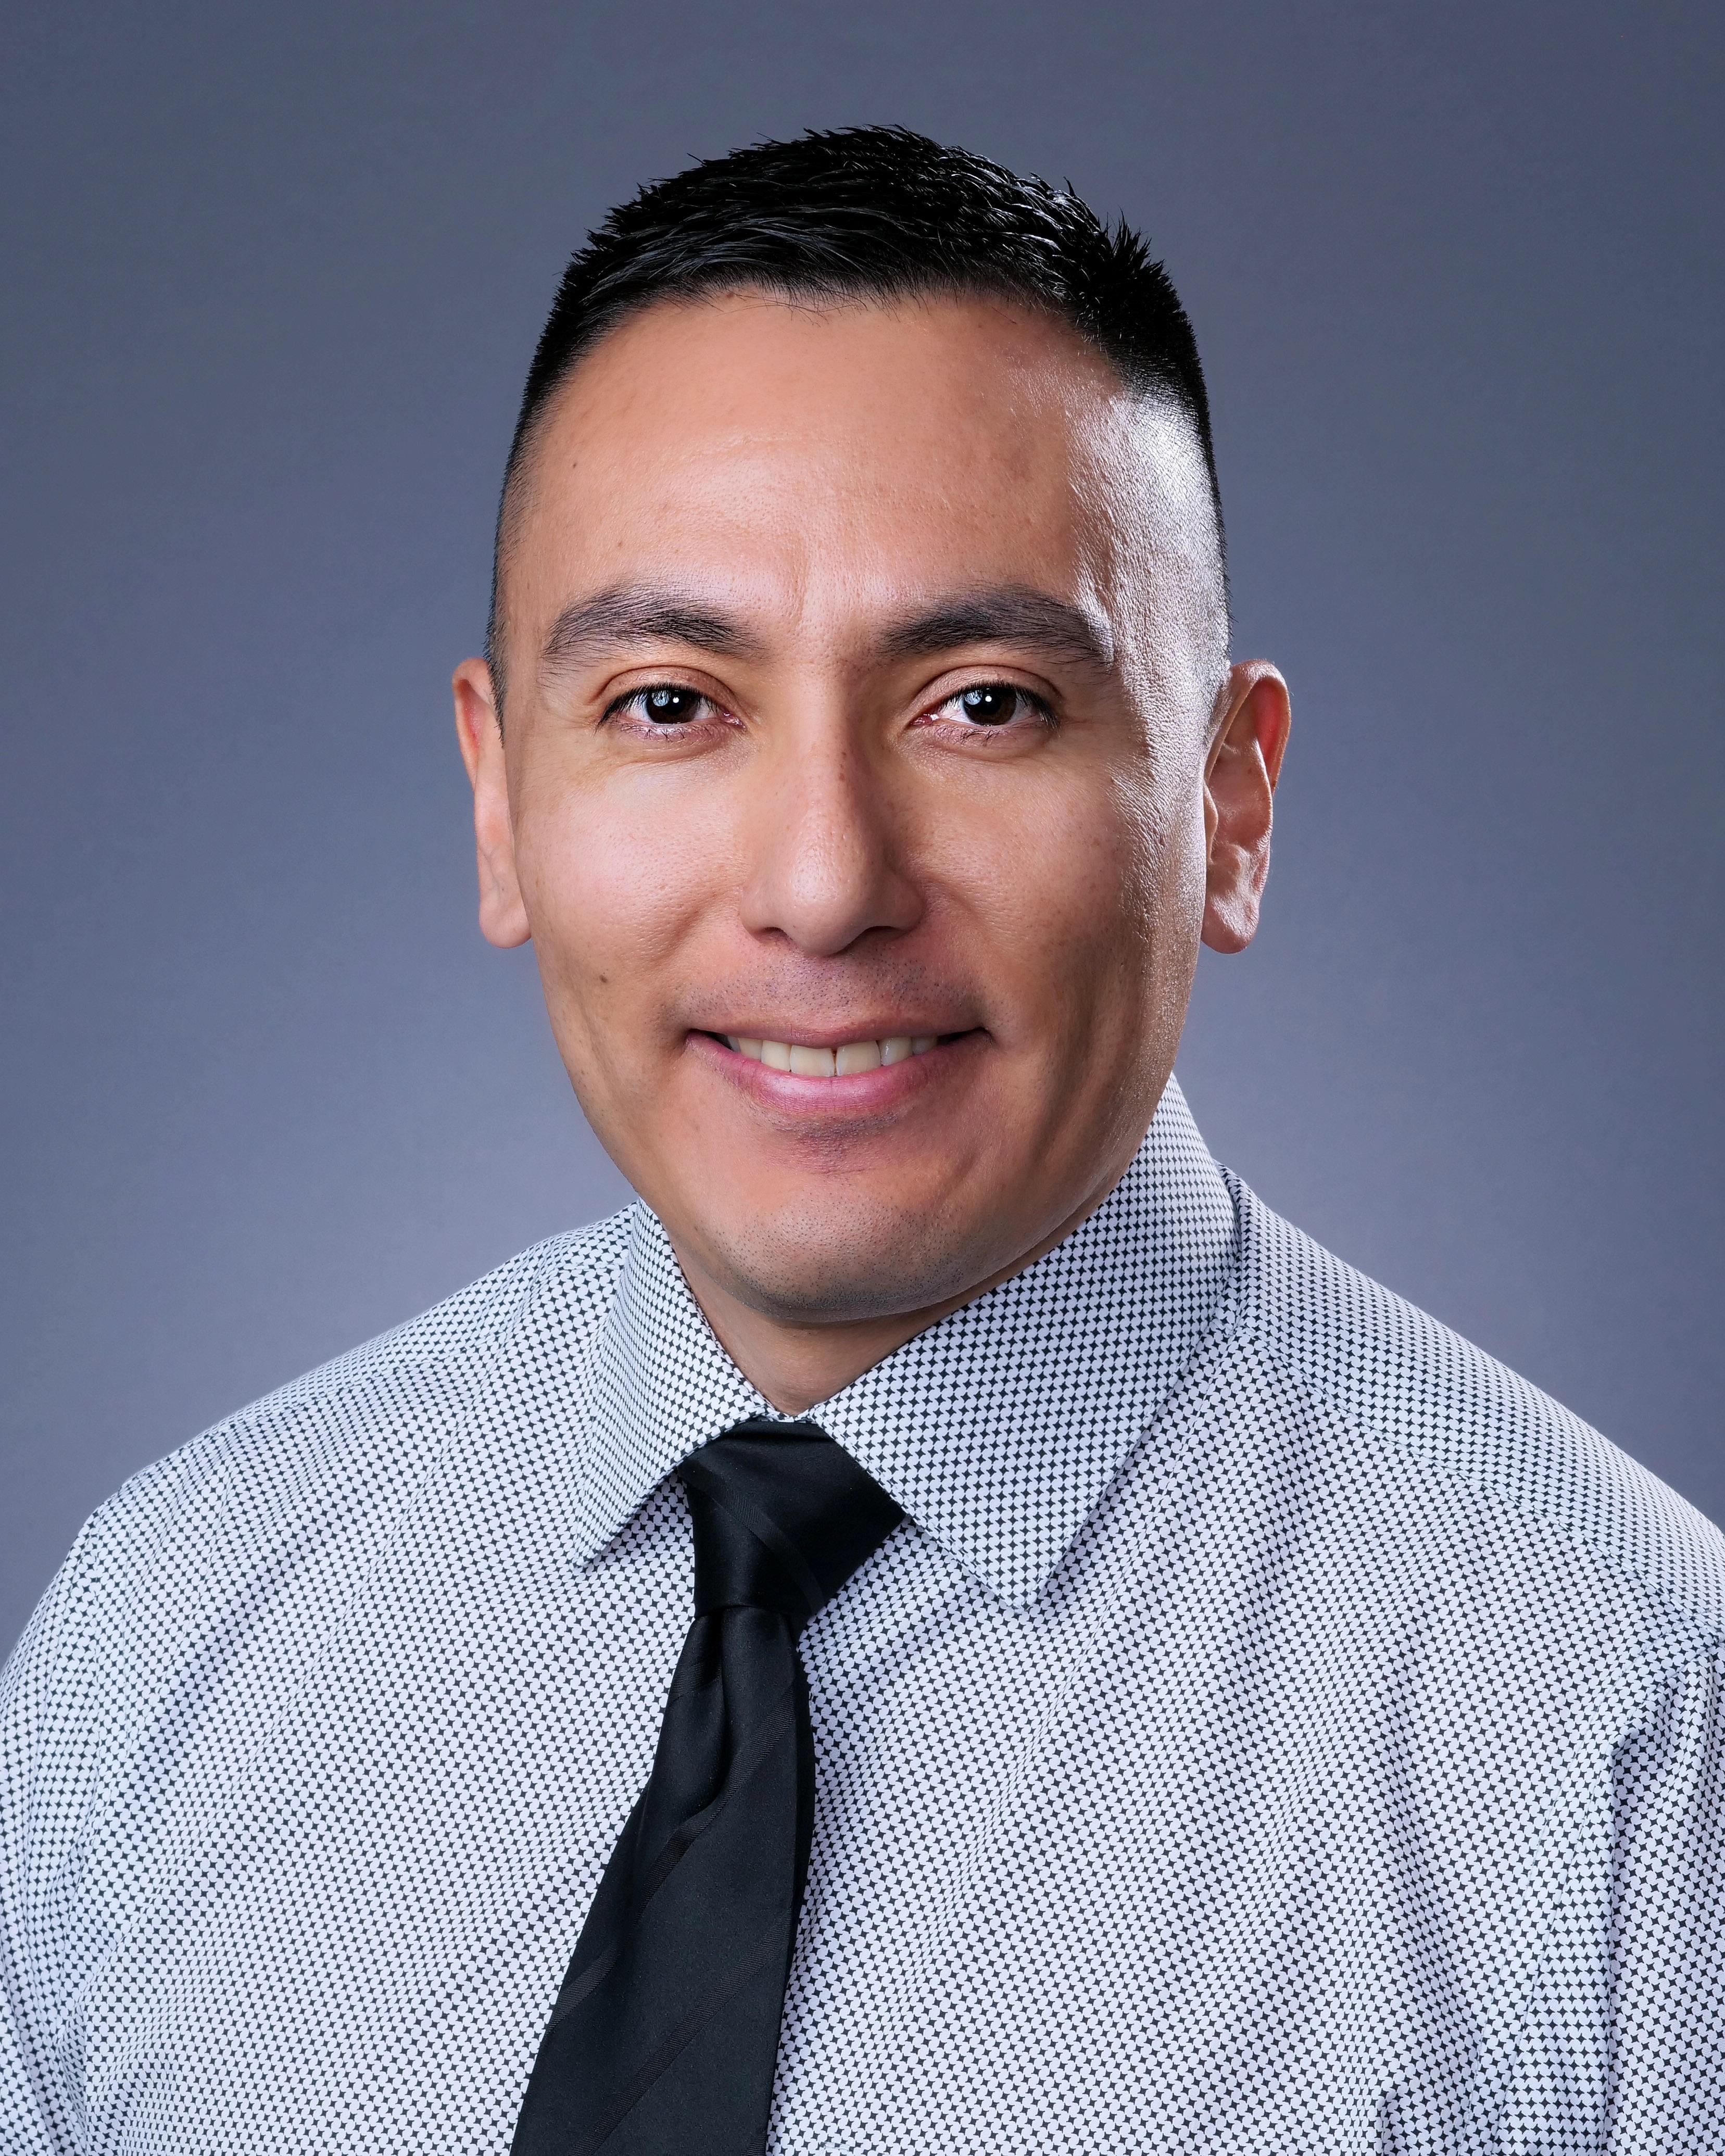 Hector Melchor, Facility Administrator